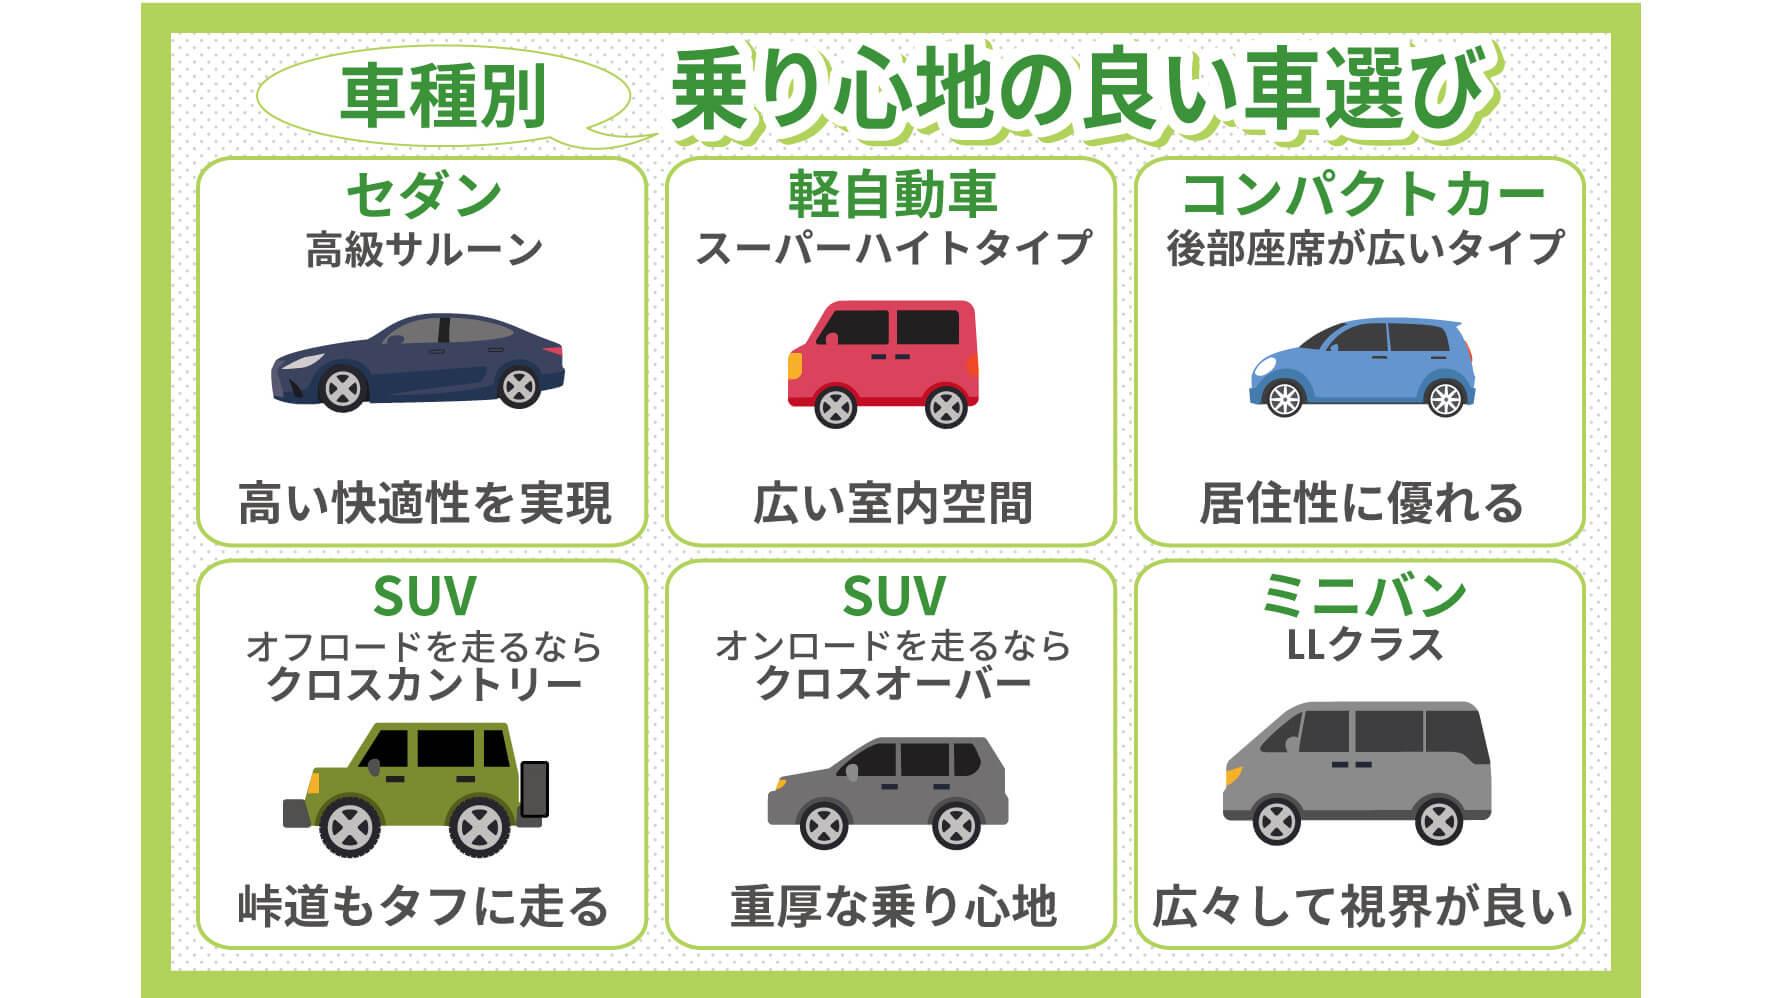 車 どっち 自動車 いい が 軽 普通